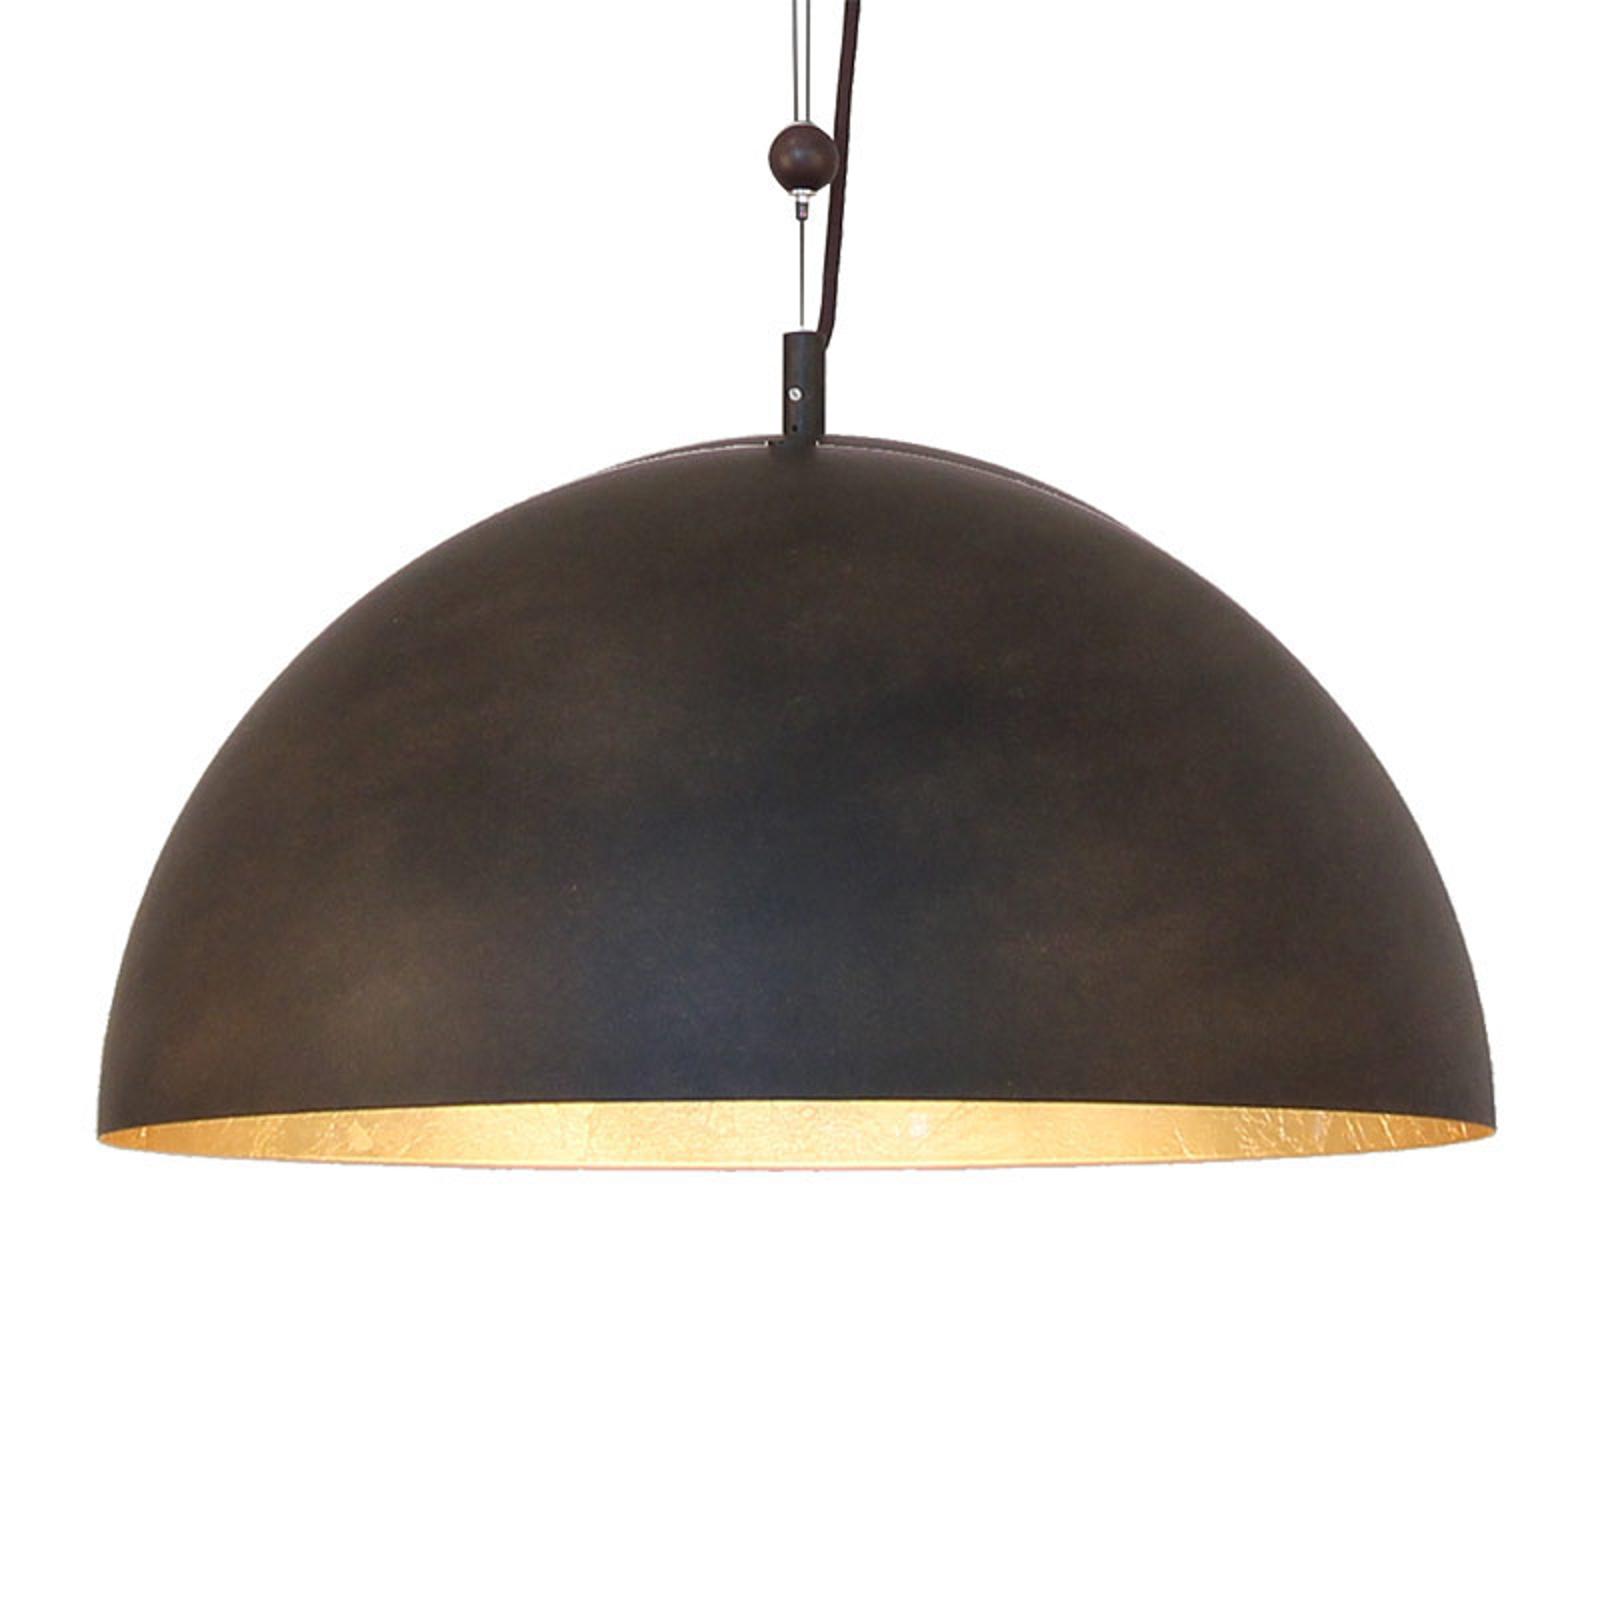 Menzel Solo hanglamp in hoogte verstelbaar